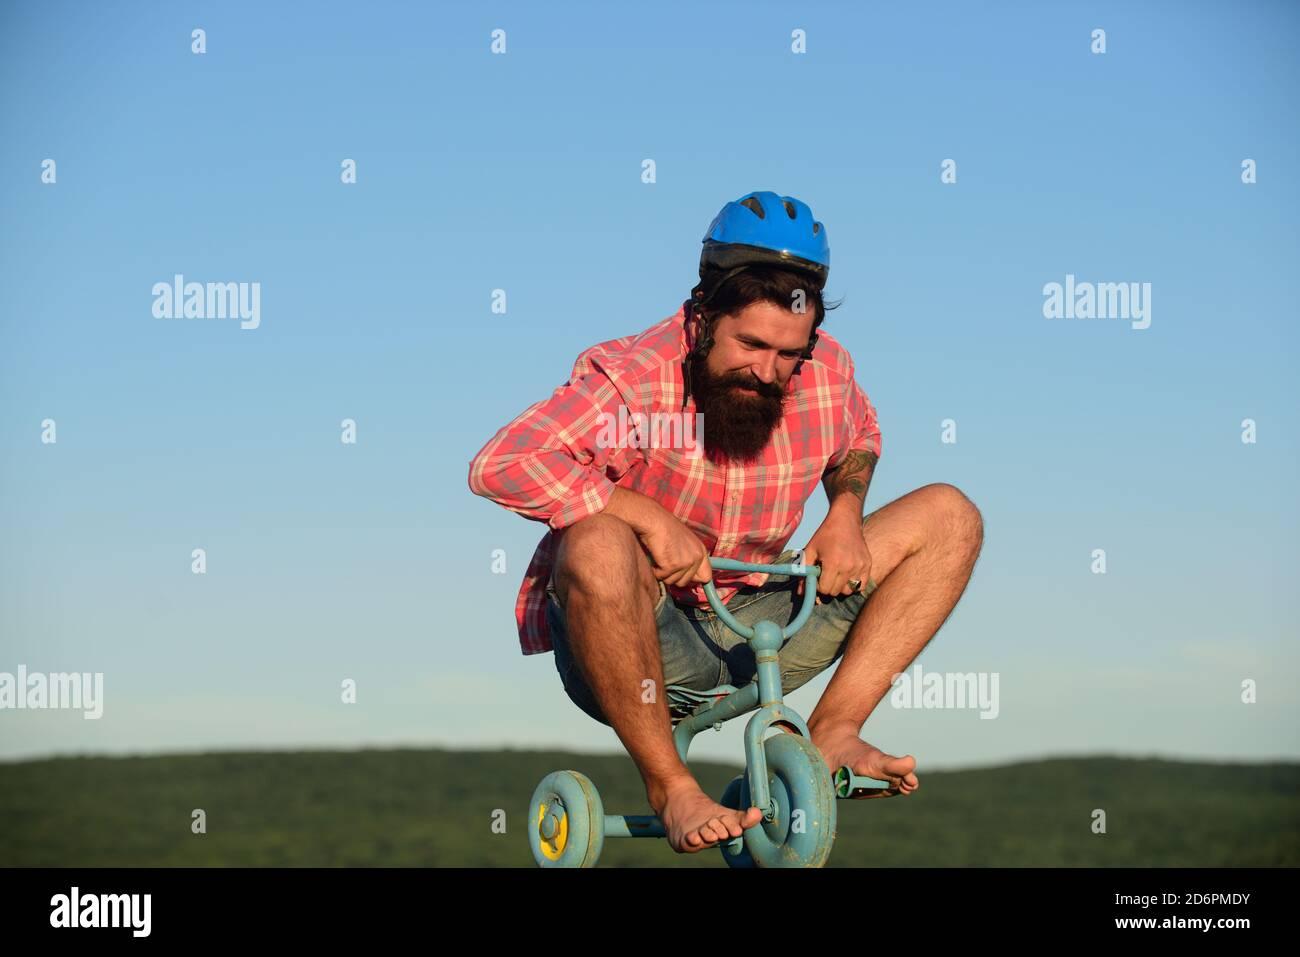 Lustiger Mann auf einem Kinderfahrrad. Nerdy Radfahrer Reiten. Stockfoto